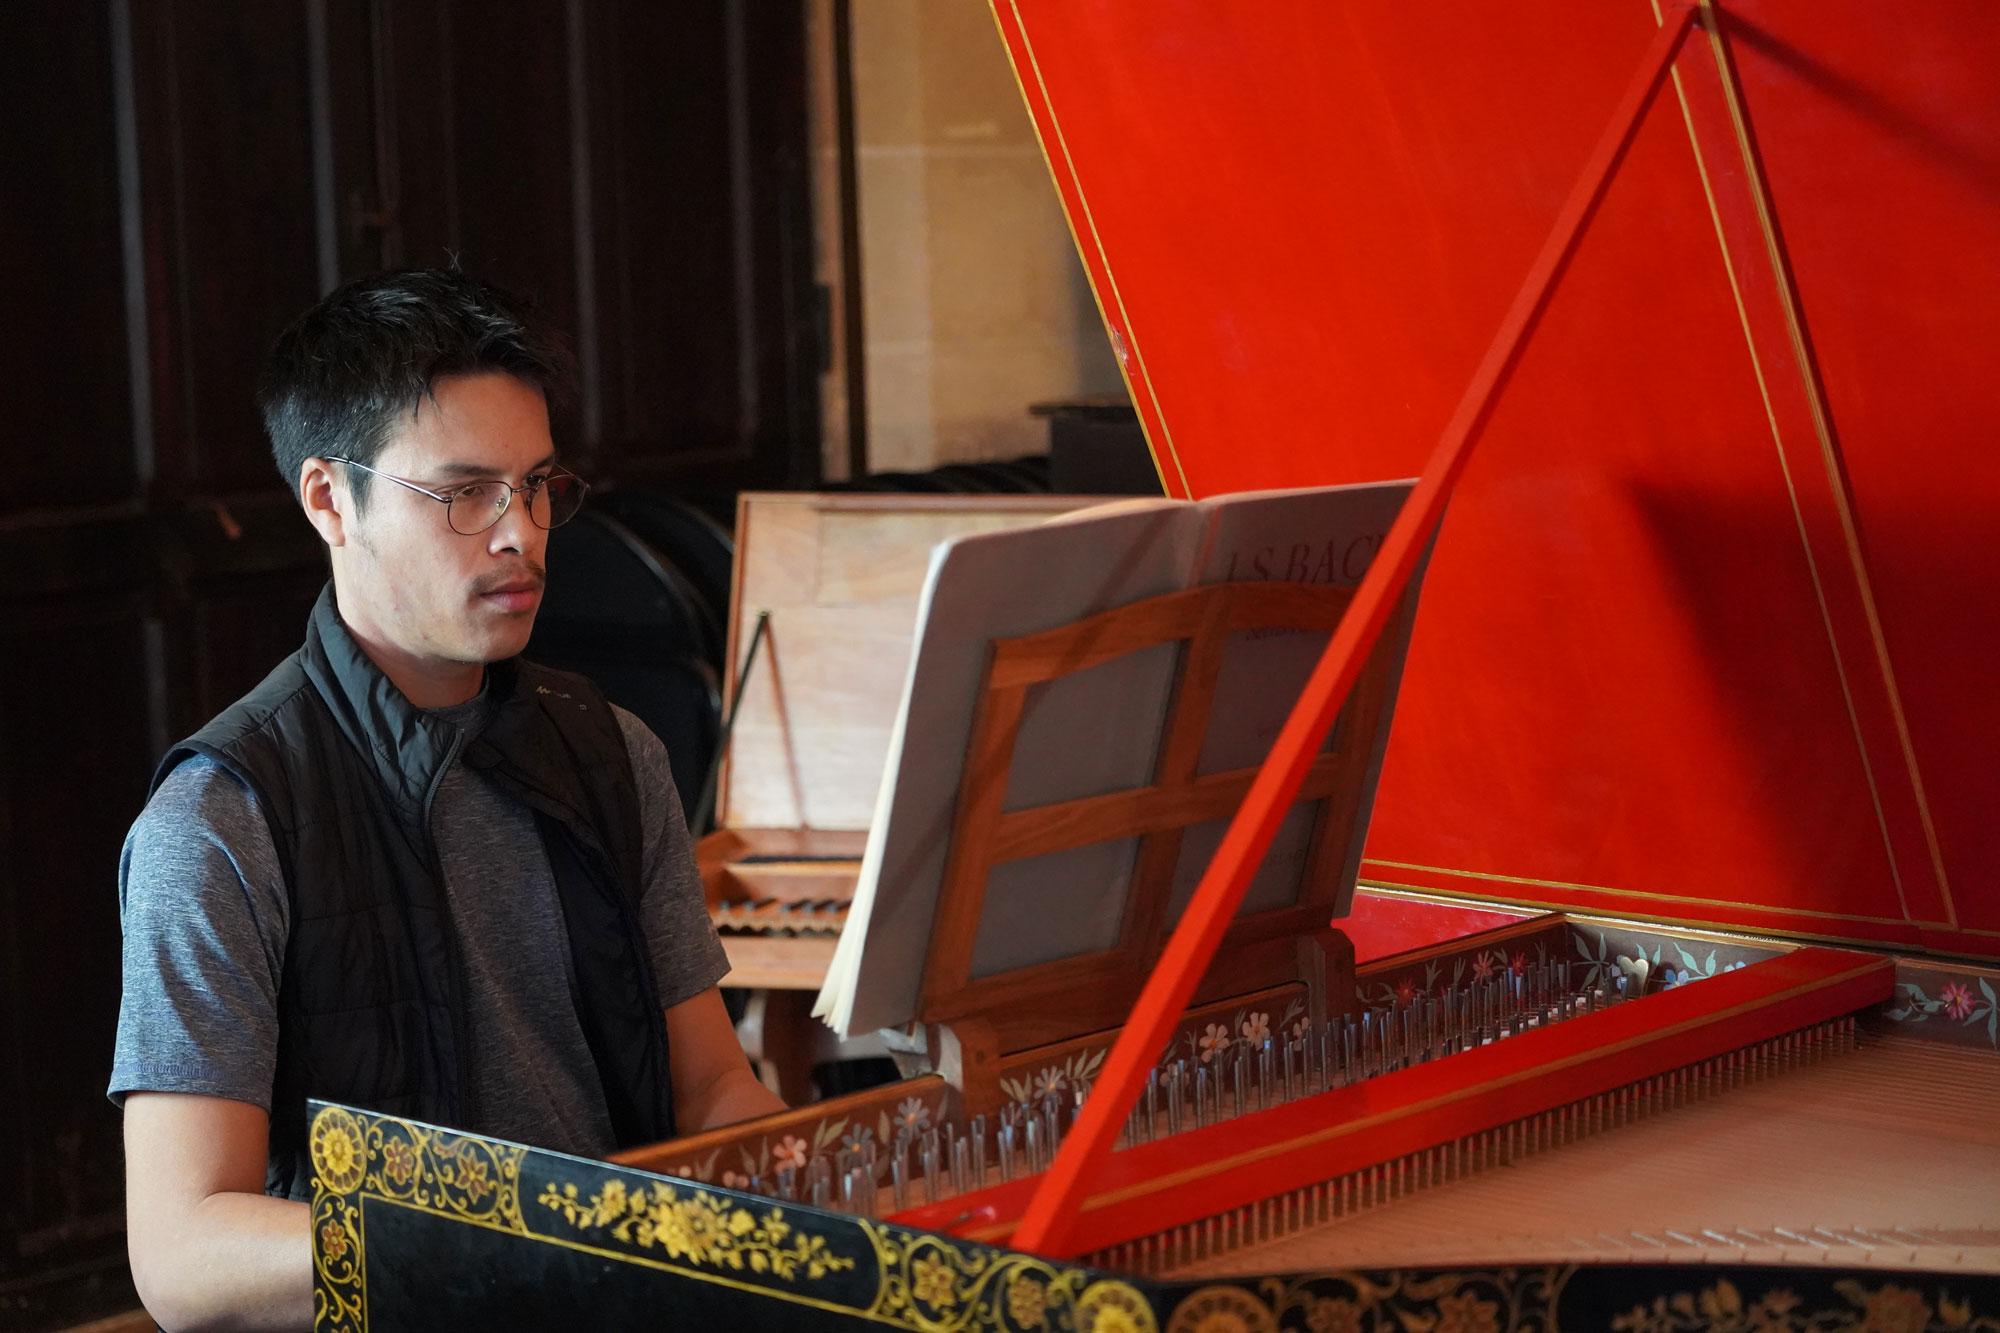 Jean-Luc Ho jouant sur le clavecin Vater de la Fondation royaumont